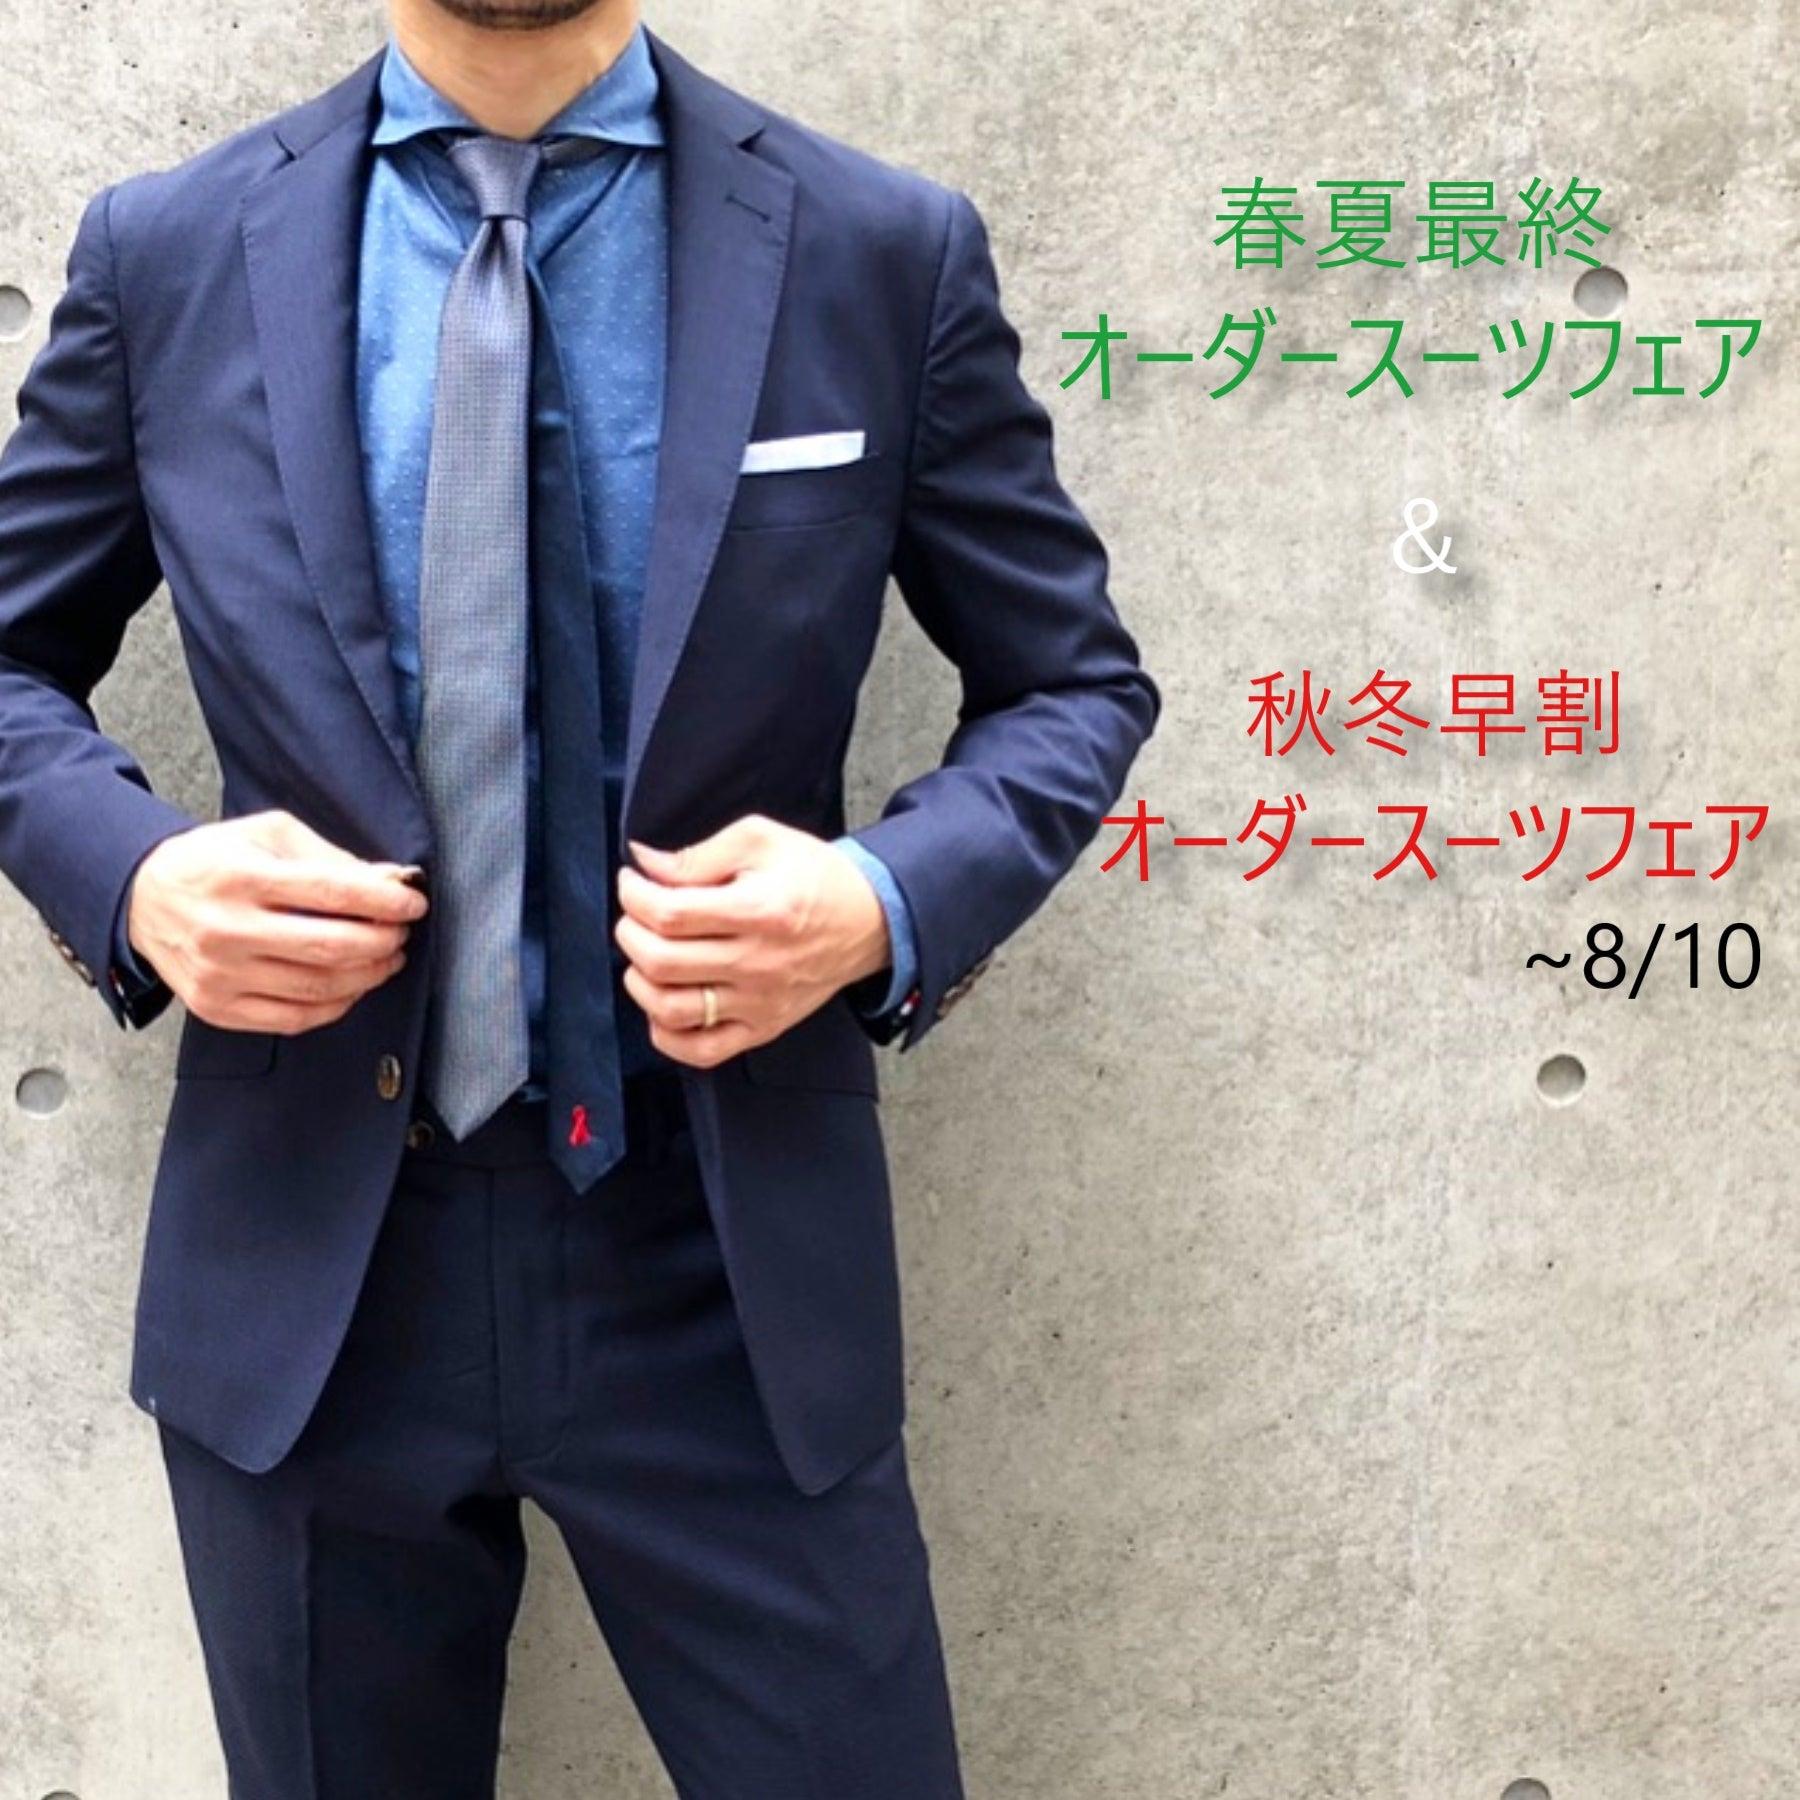 の 青山 スーツ 洋服 オーダー クオリティオーダー・SHITATE(シタテ)、「洋服の青山」40店に新導入